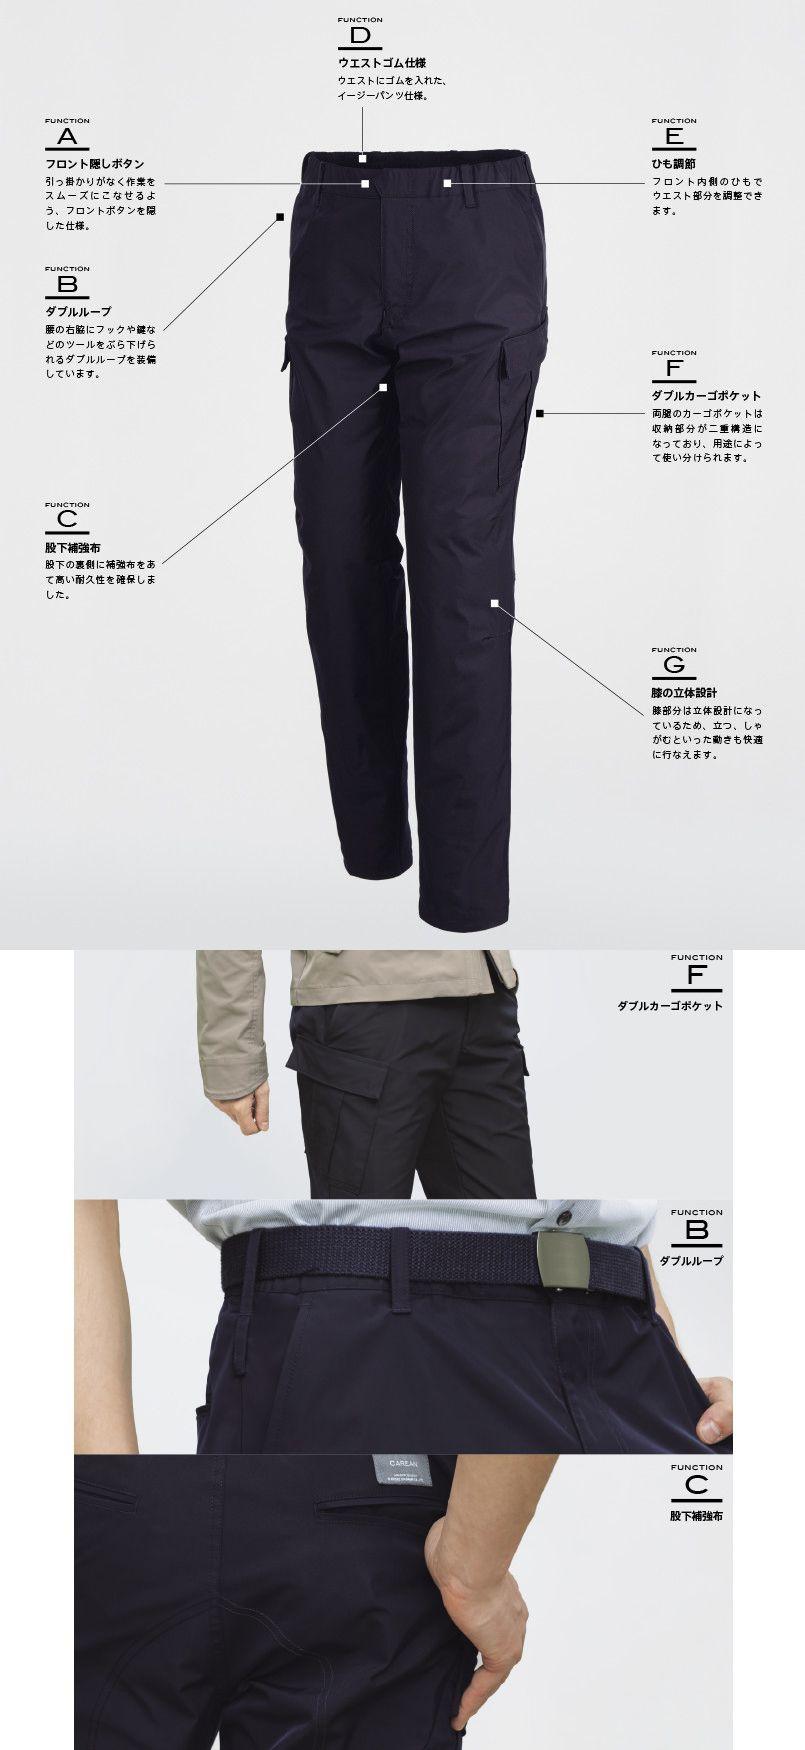 CAK162 キャリーン カーゴパンツ(男女兼用) 商品詳細・こだわりPOINT